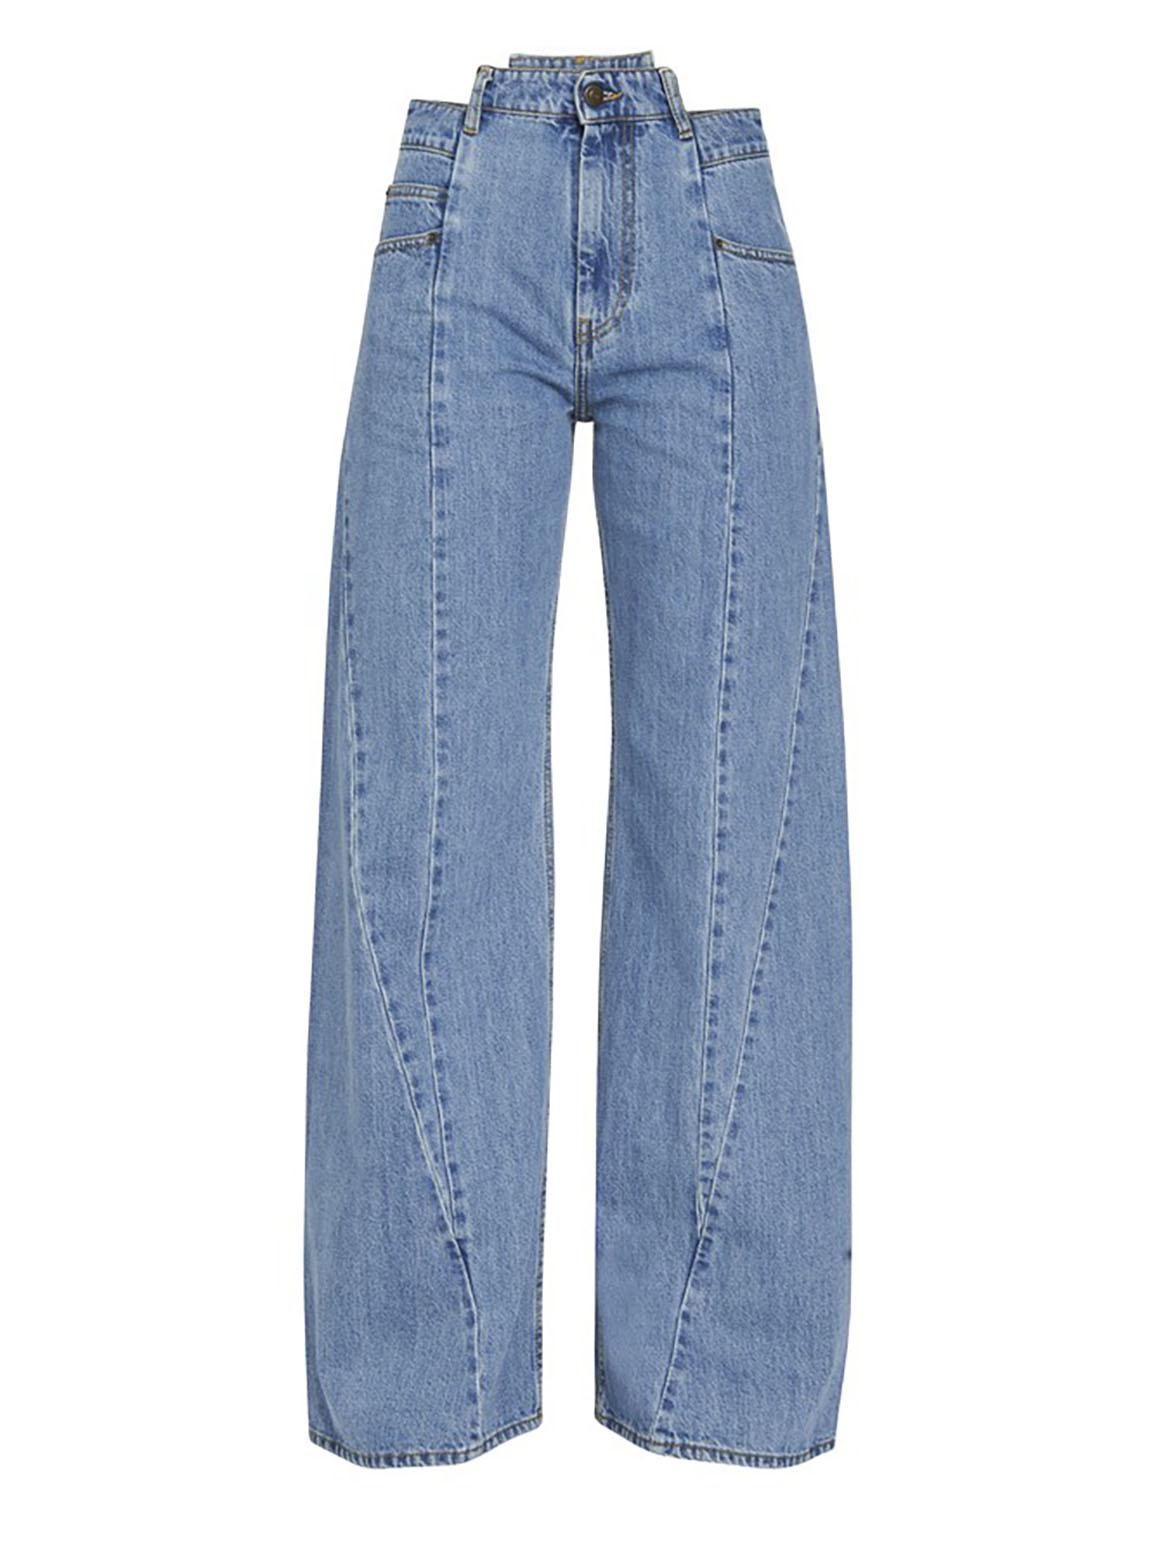 Jeans Maison Margiela